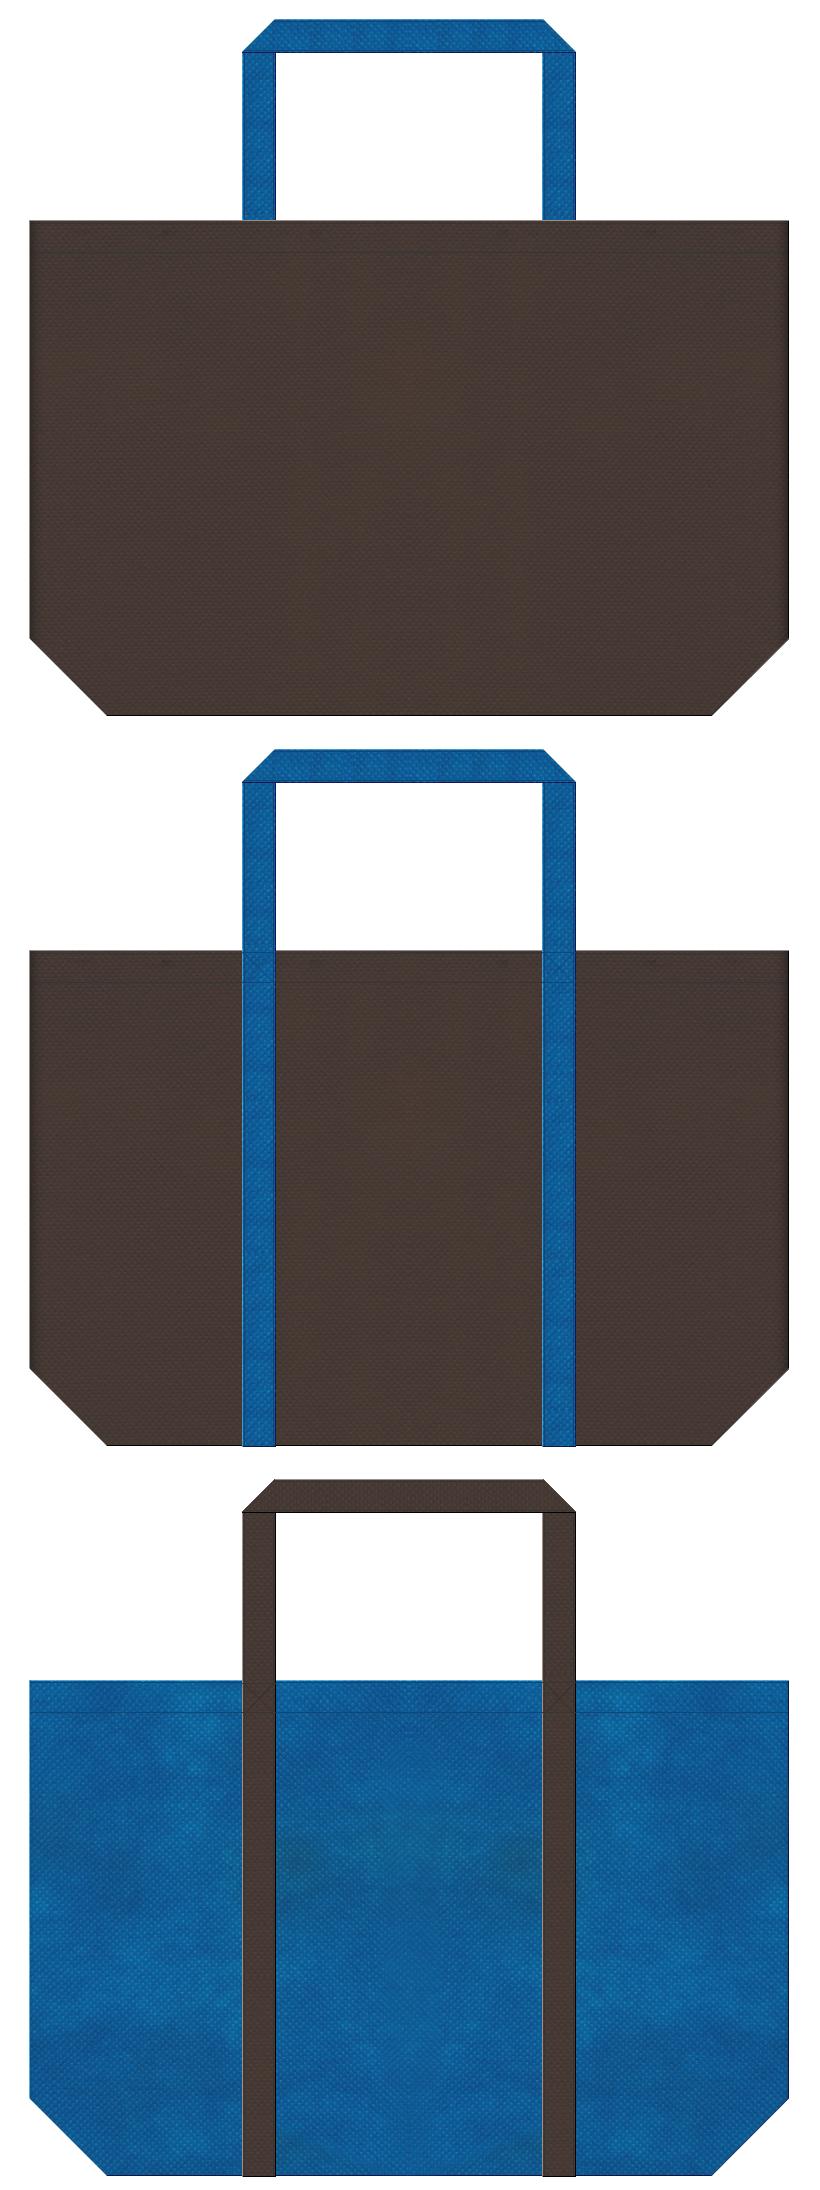 DHA・サプリメント・LED・人工知能・情報セキュリティー・防犯グッズ・温暖化対策・CO2削減・環境イベント・対戦型格闘ゲーム・父の日ギフトのショッピングバッグにお奨めの不織布バッグデザイン:こげ茶色と青色のコーデ